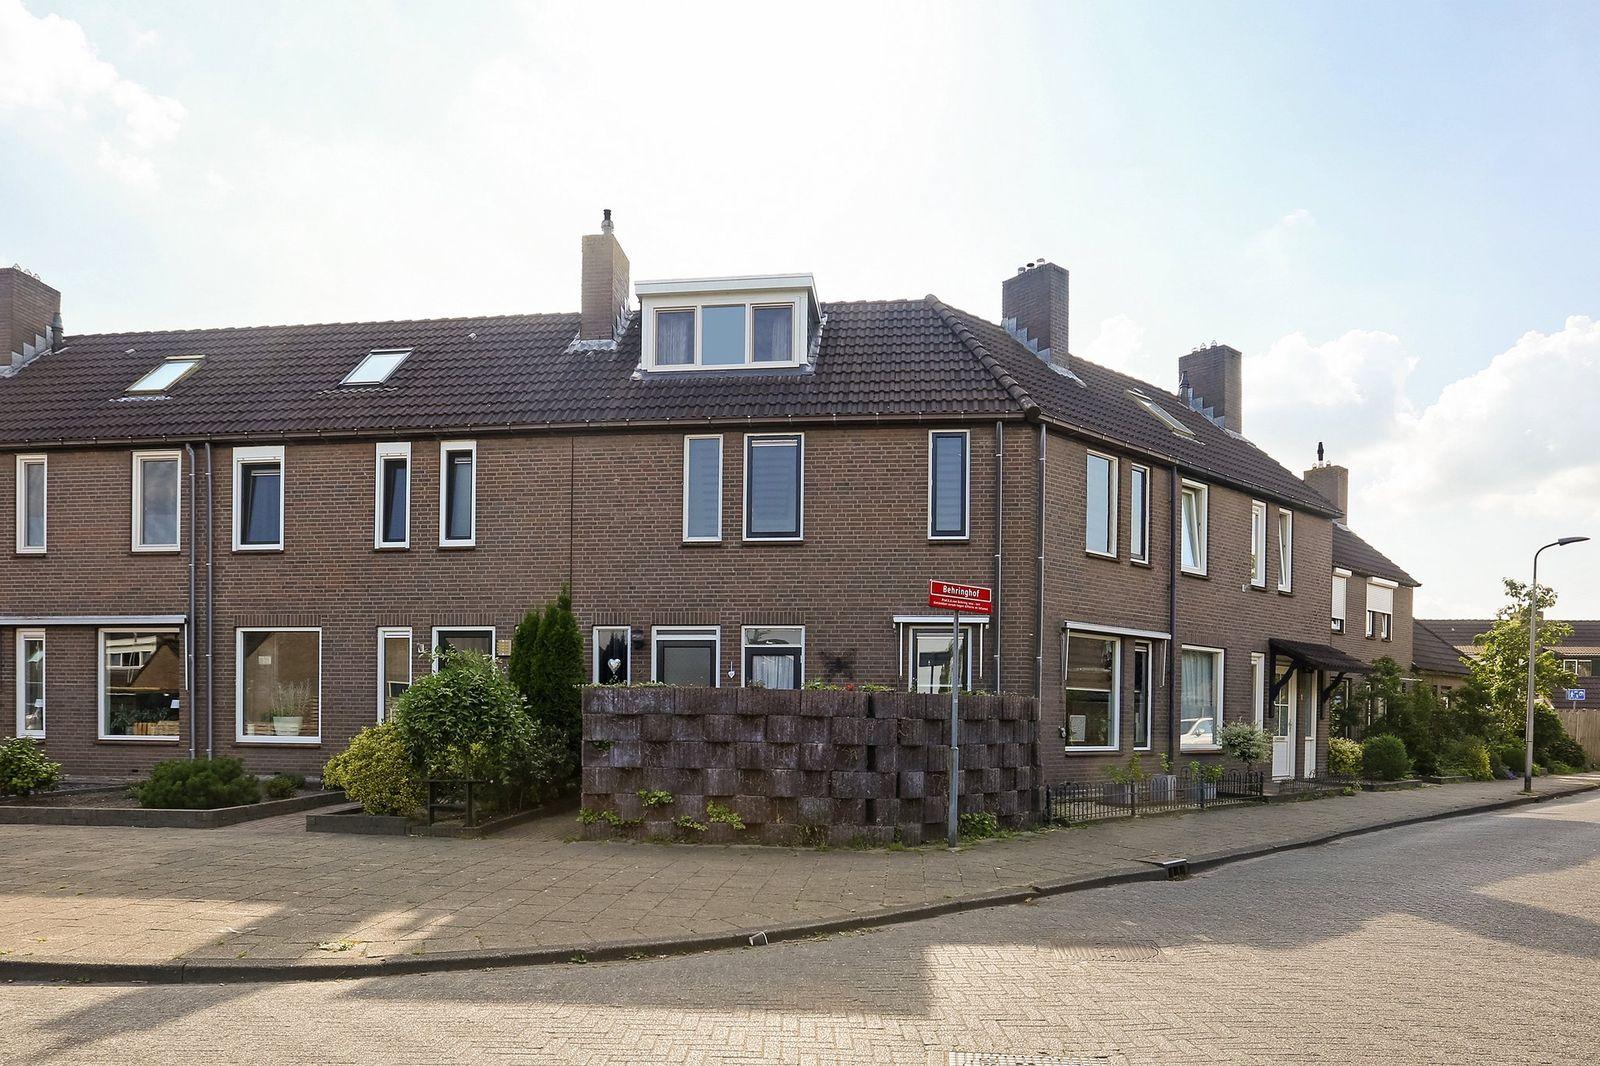 van Leeuwenhoekstraat 2, Hoogeveen